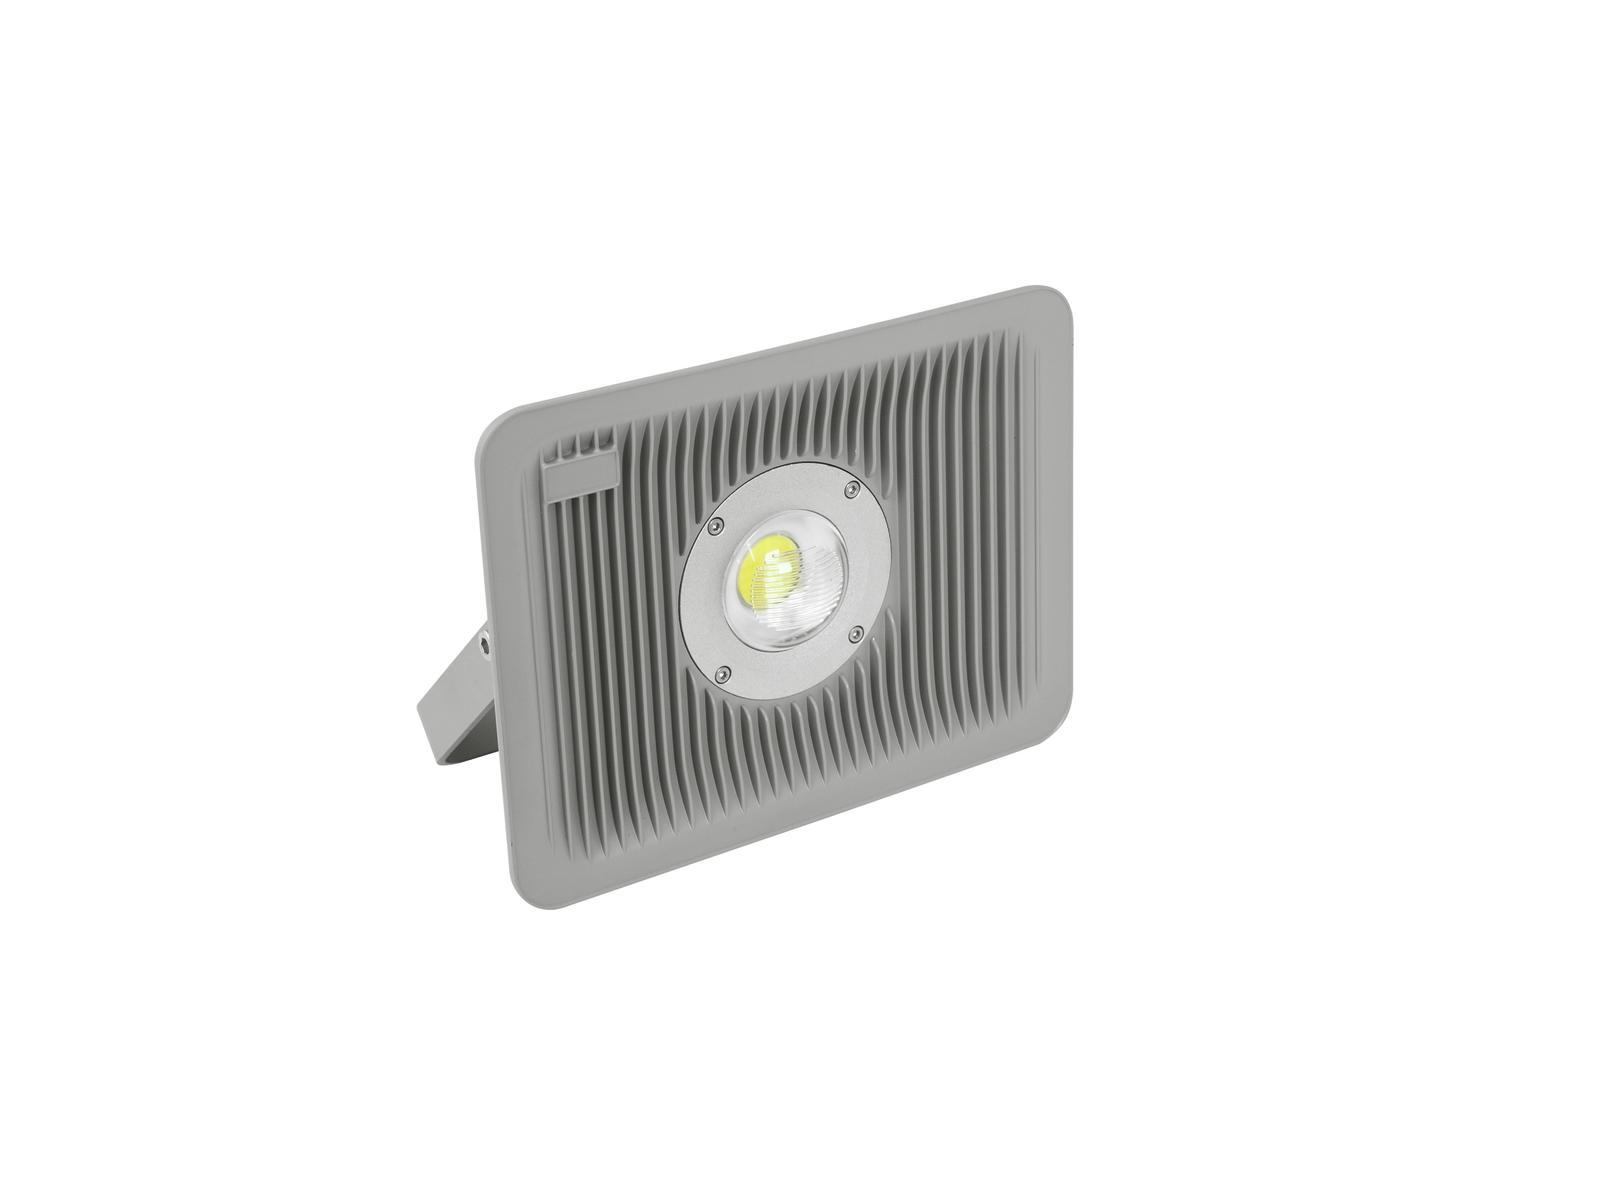 EUROLITE LED IP FL-30 COB 3000K 120° SLIM